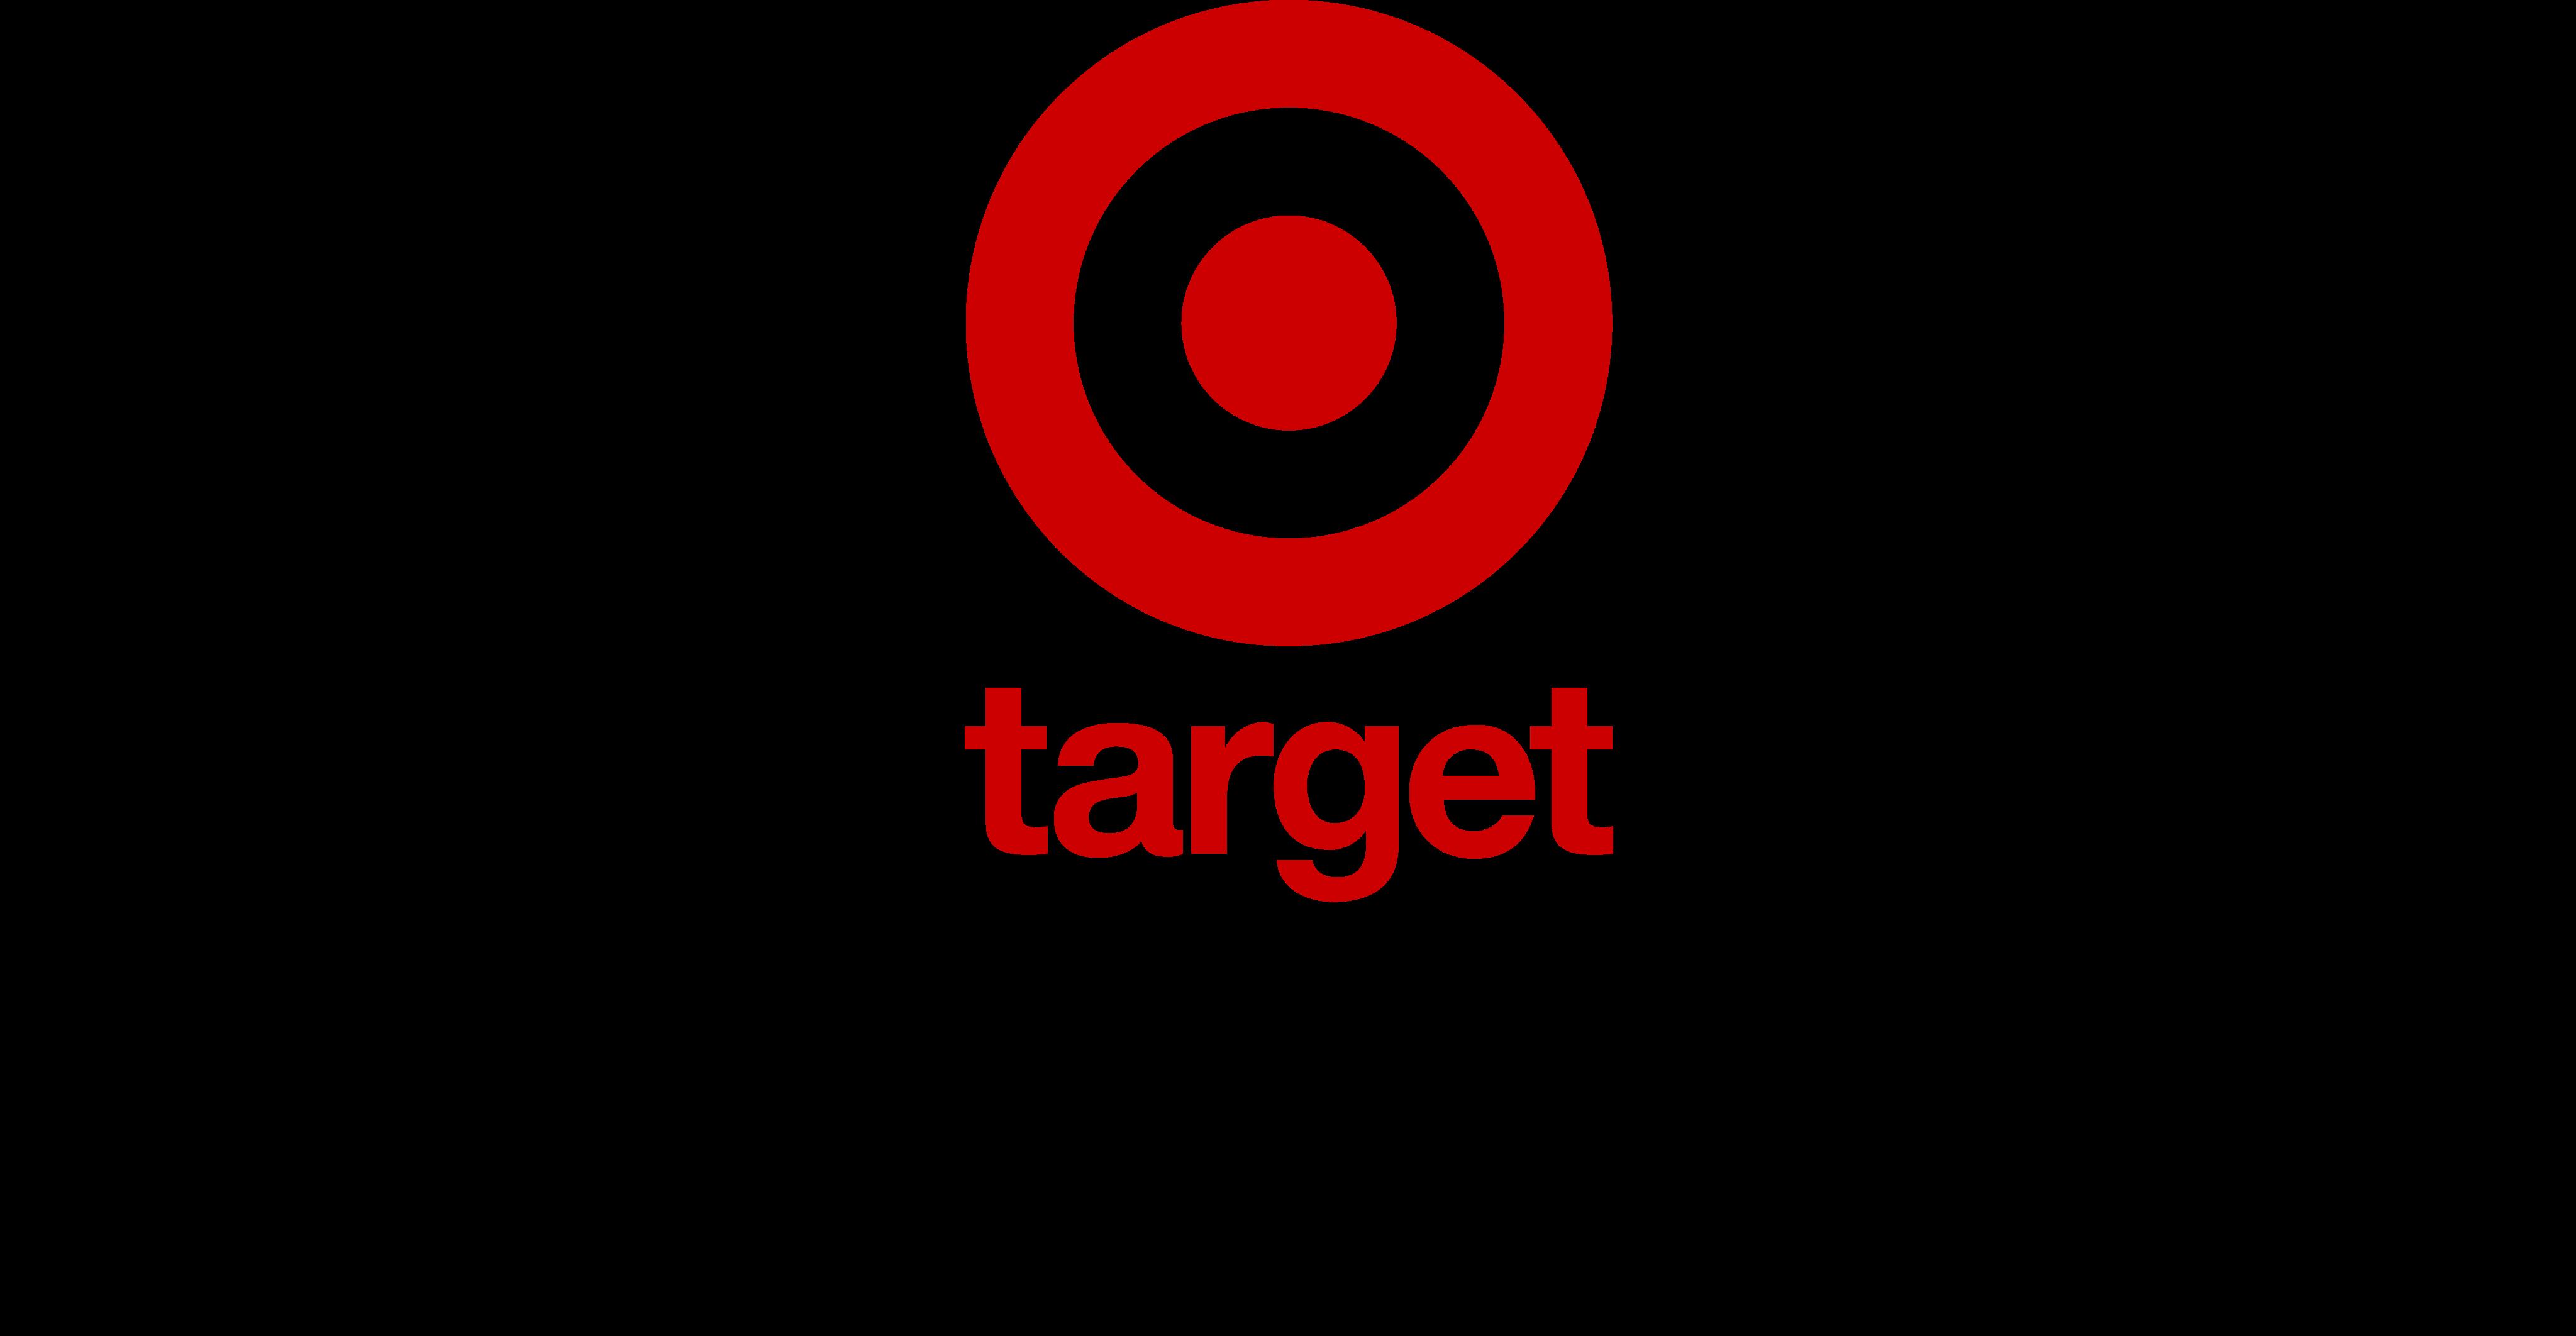 target logo 1 - Target Logo